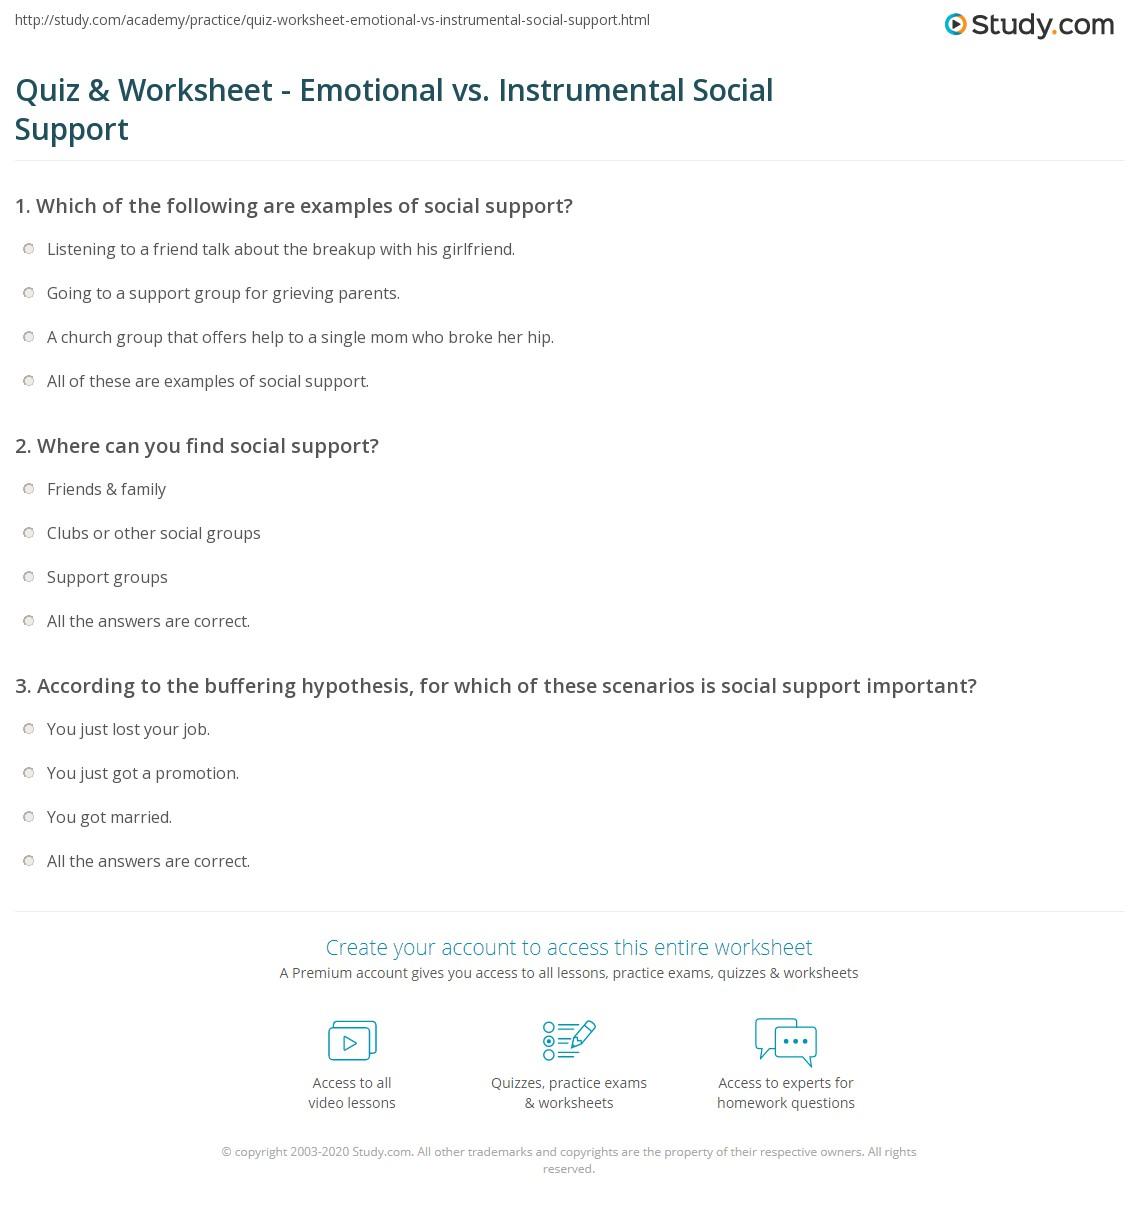 quiz worksheet emotional vs instrumental social support. Black Bedroom Furniture Sets. Home Design Ideas